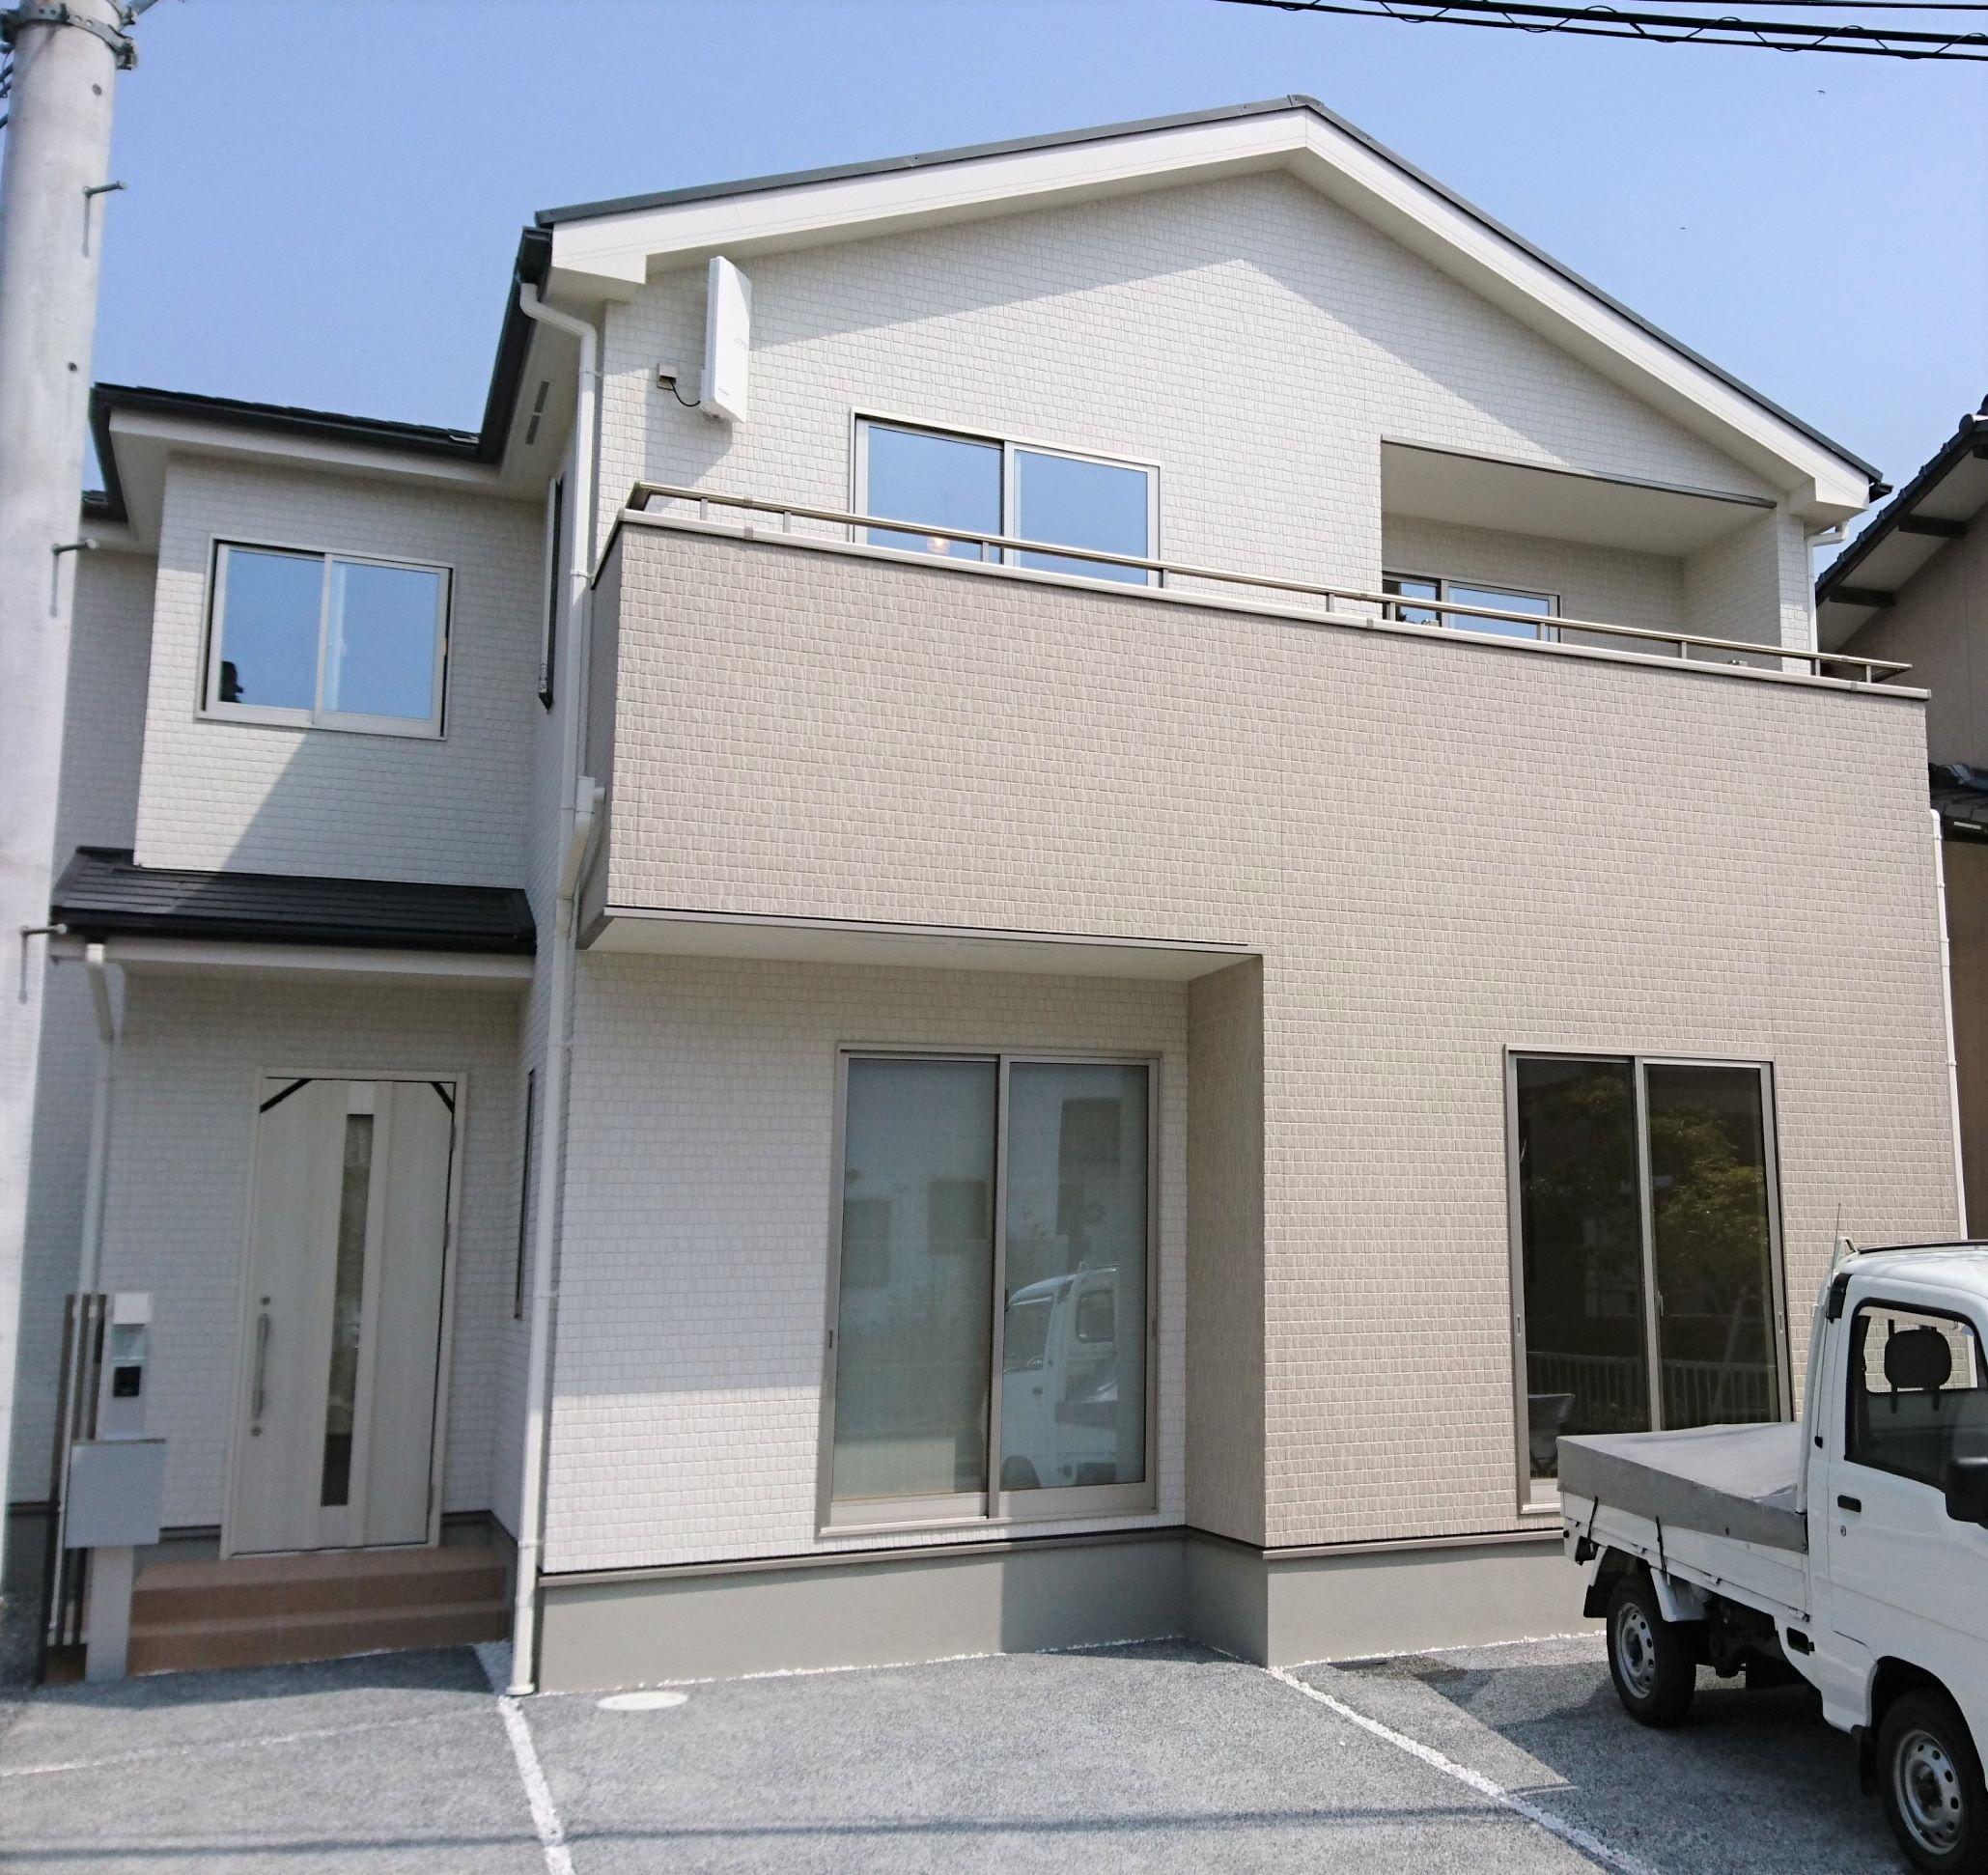 岡山市の新築戸建て住宅タクトホームへUVフロアコーティング